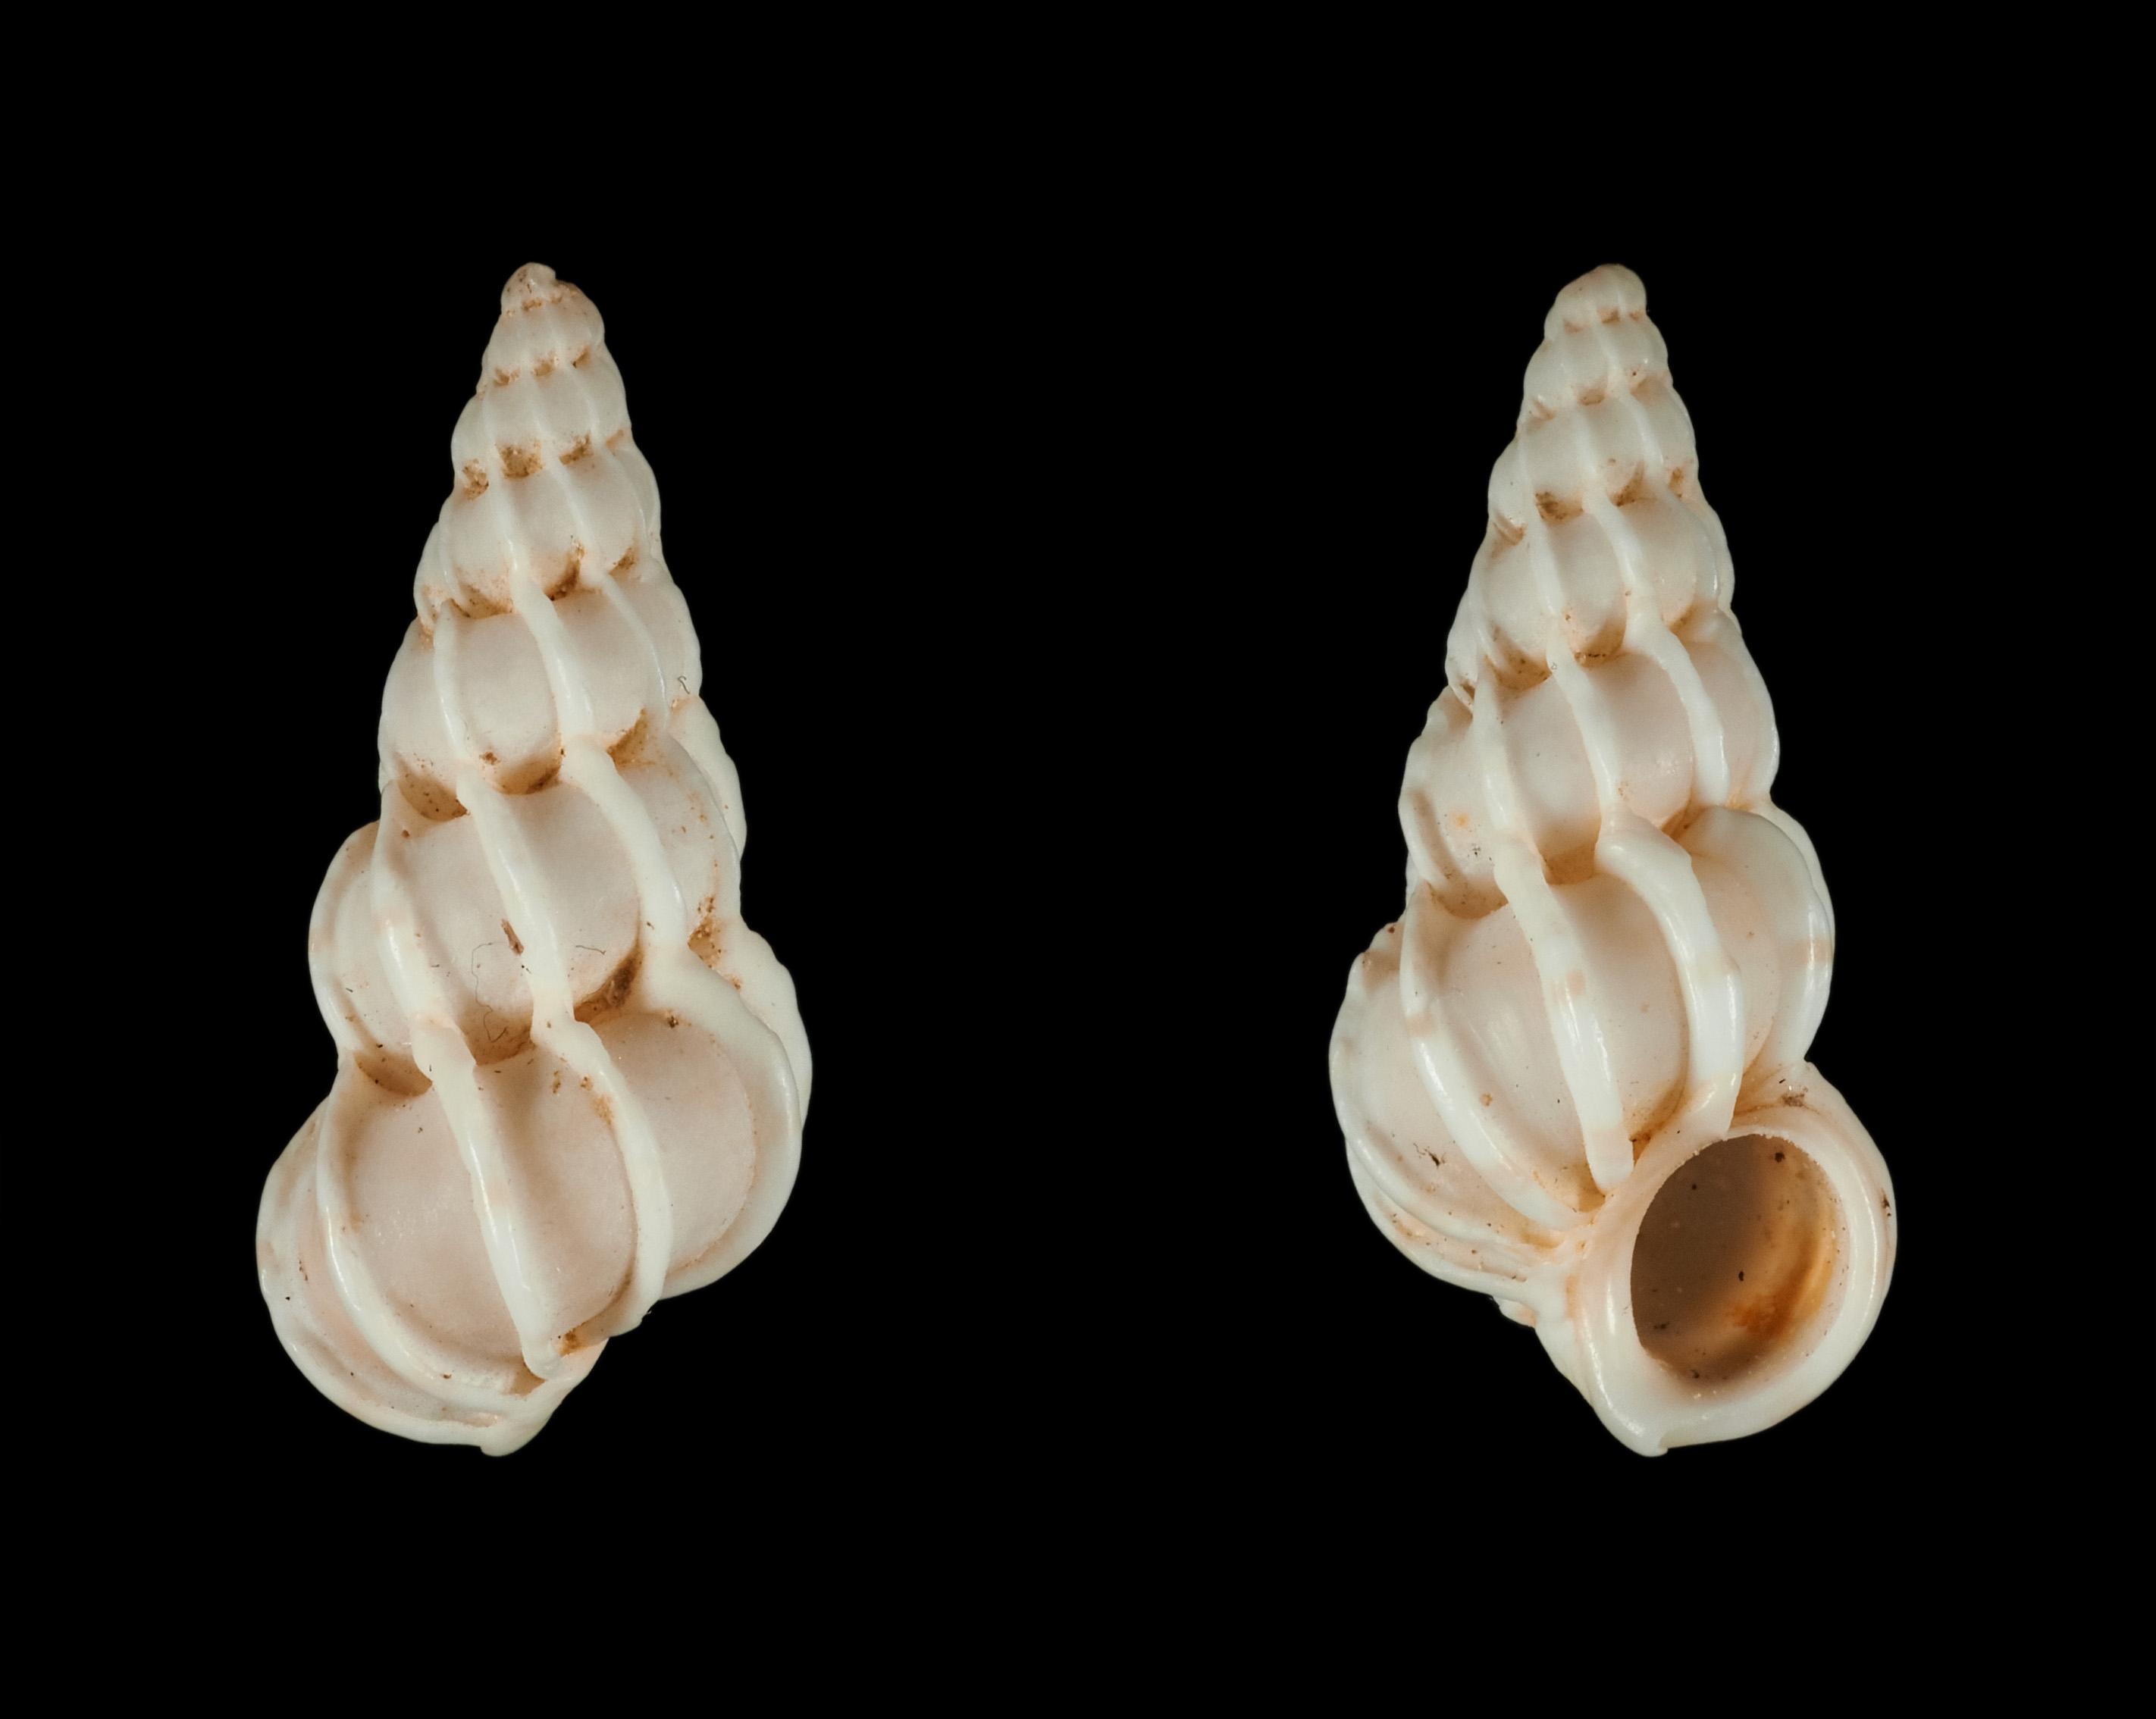 Epitonium clathrus (Linnaeus, 1758) Ep00810